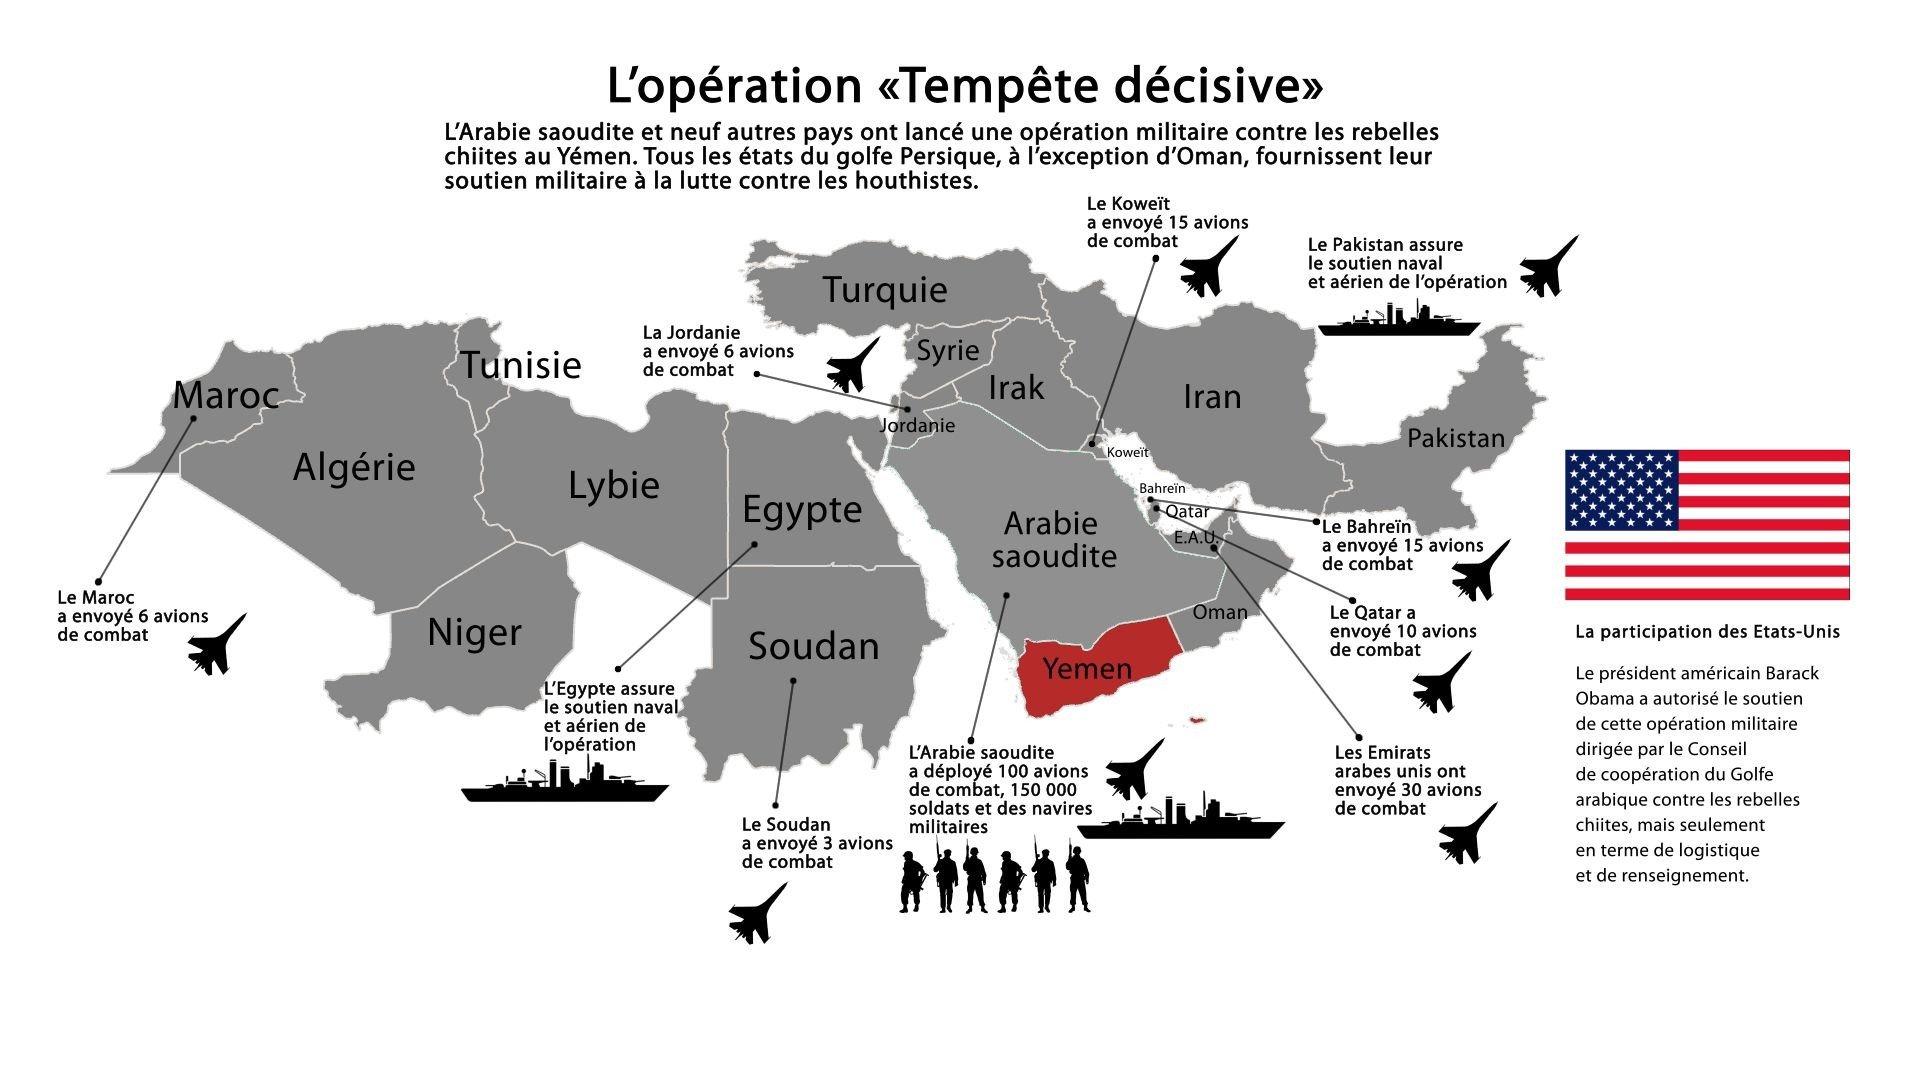 Les pays de la coalition emmenée par l'Arabie saoudite.